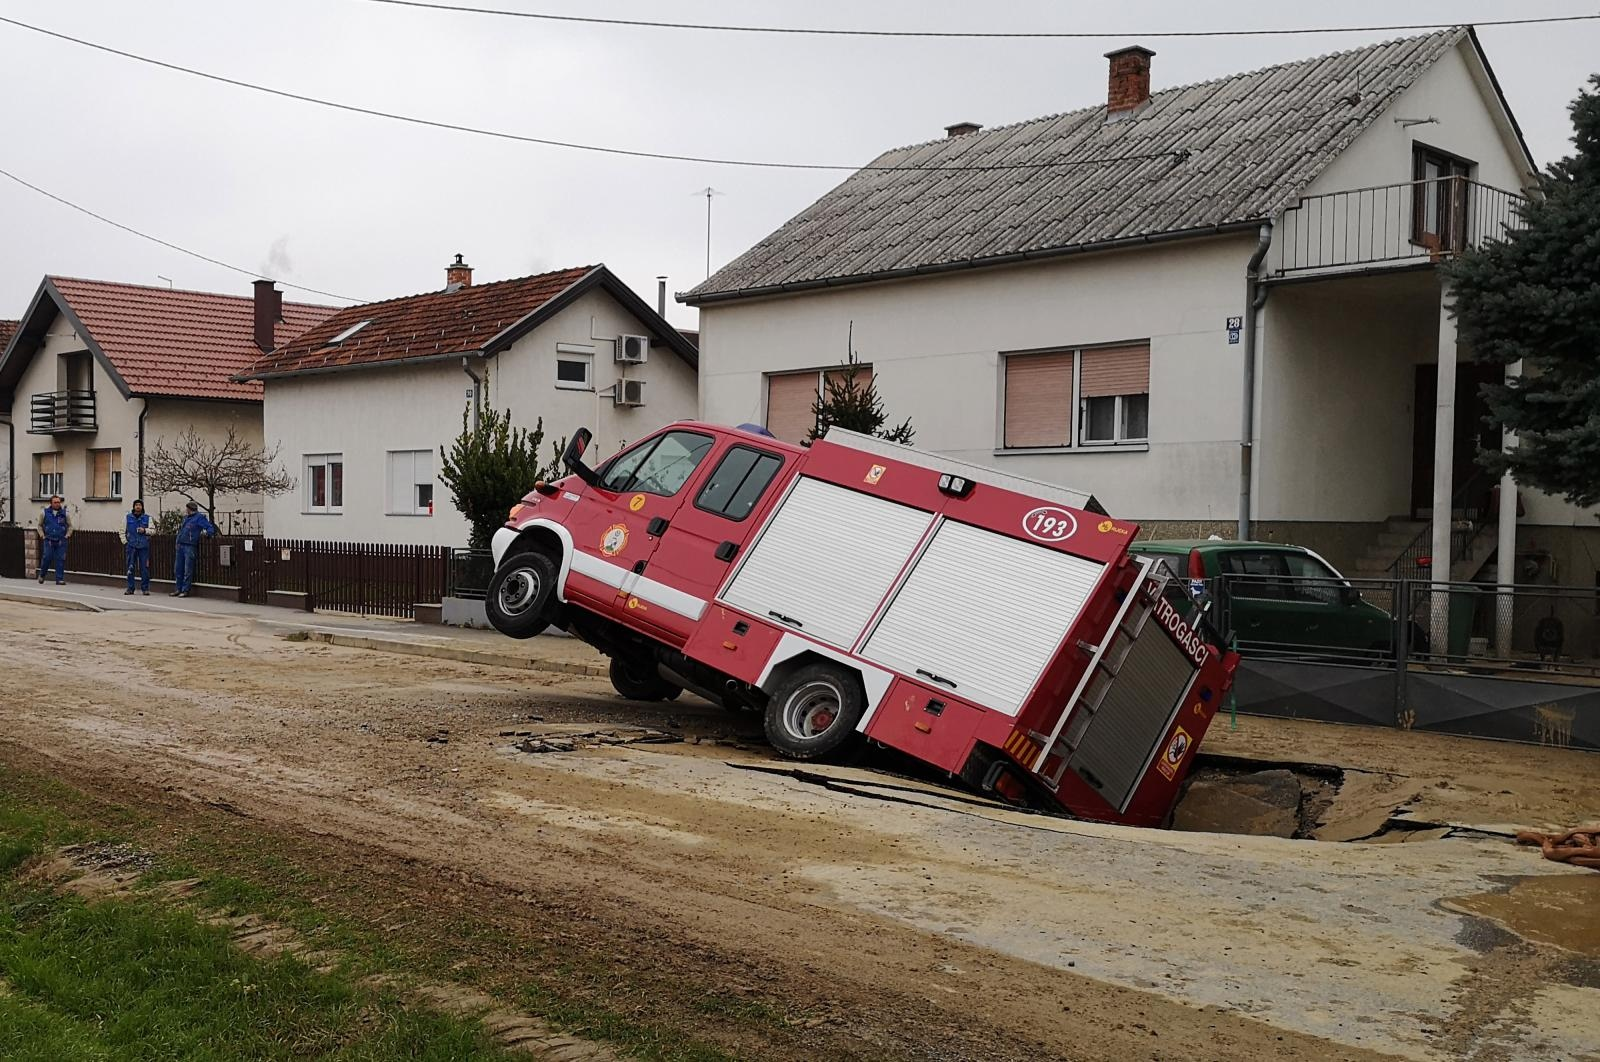 U srijedu rano ujutro u 1 sat i 30 minuta u Bjelovaru se, u Hebrangovoj ulici, dogodila nezgoda u kojoj je jedno vatrogasno vozilo propalo kroz otvorenu i poprilično veliku rupu u asfalu. /Damir Spehar/PIXSELL